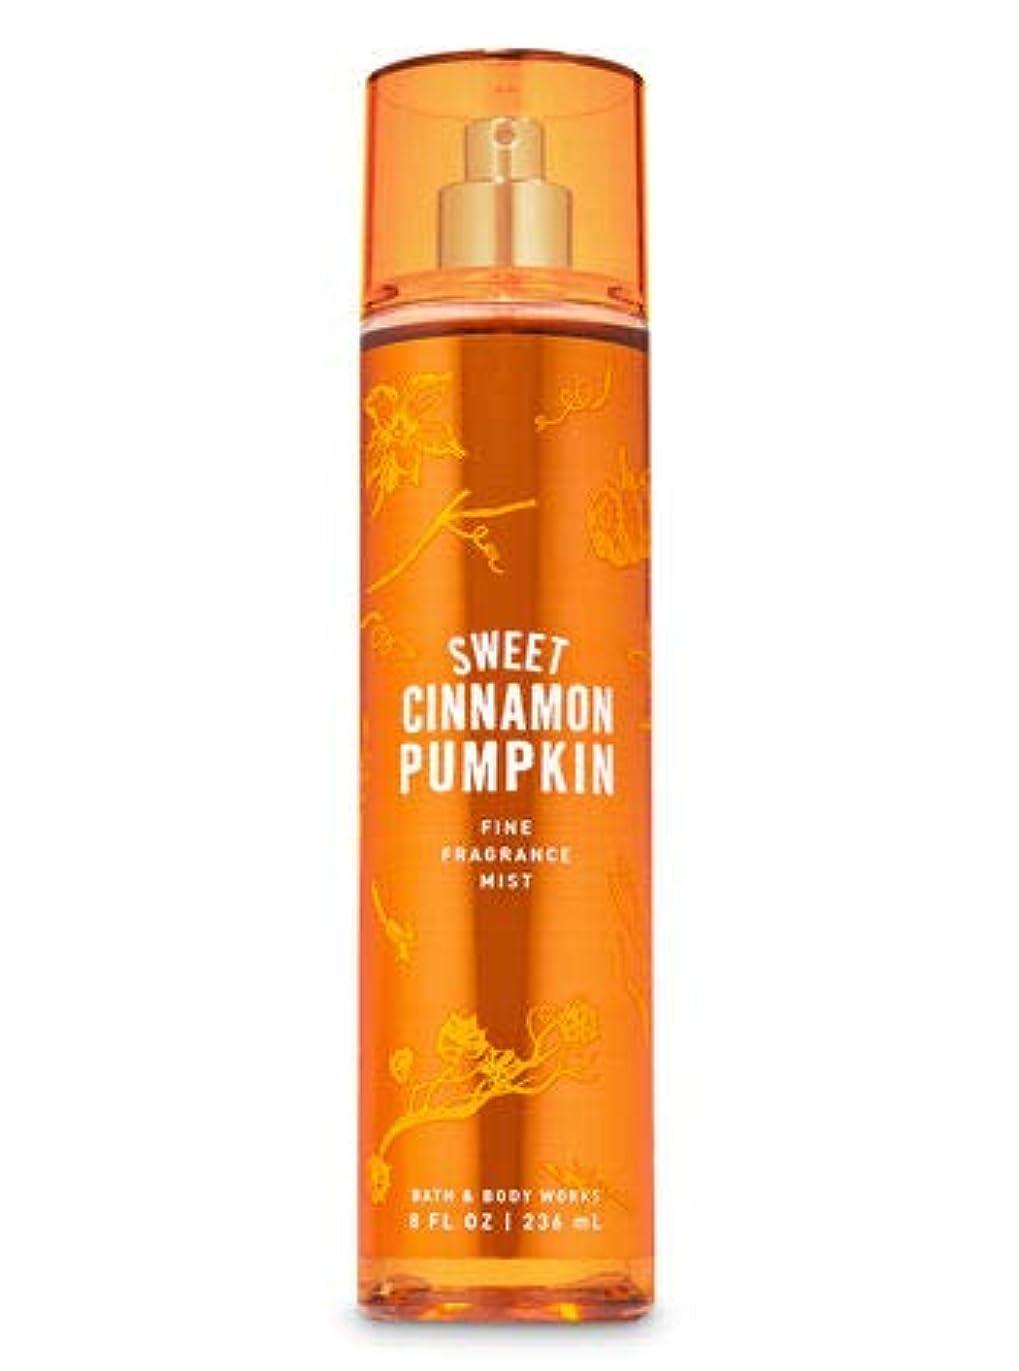 信じる対応する保証金【Bath&Body Works/バス&ボディワークス】 ファインフレグランスミスト スイートシナモンパンプキン Fine Fragrance Mist Sweet Cinnamon Pumpkin 8oz (236ml) [並行輸入品]